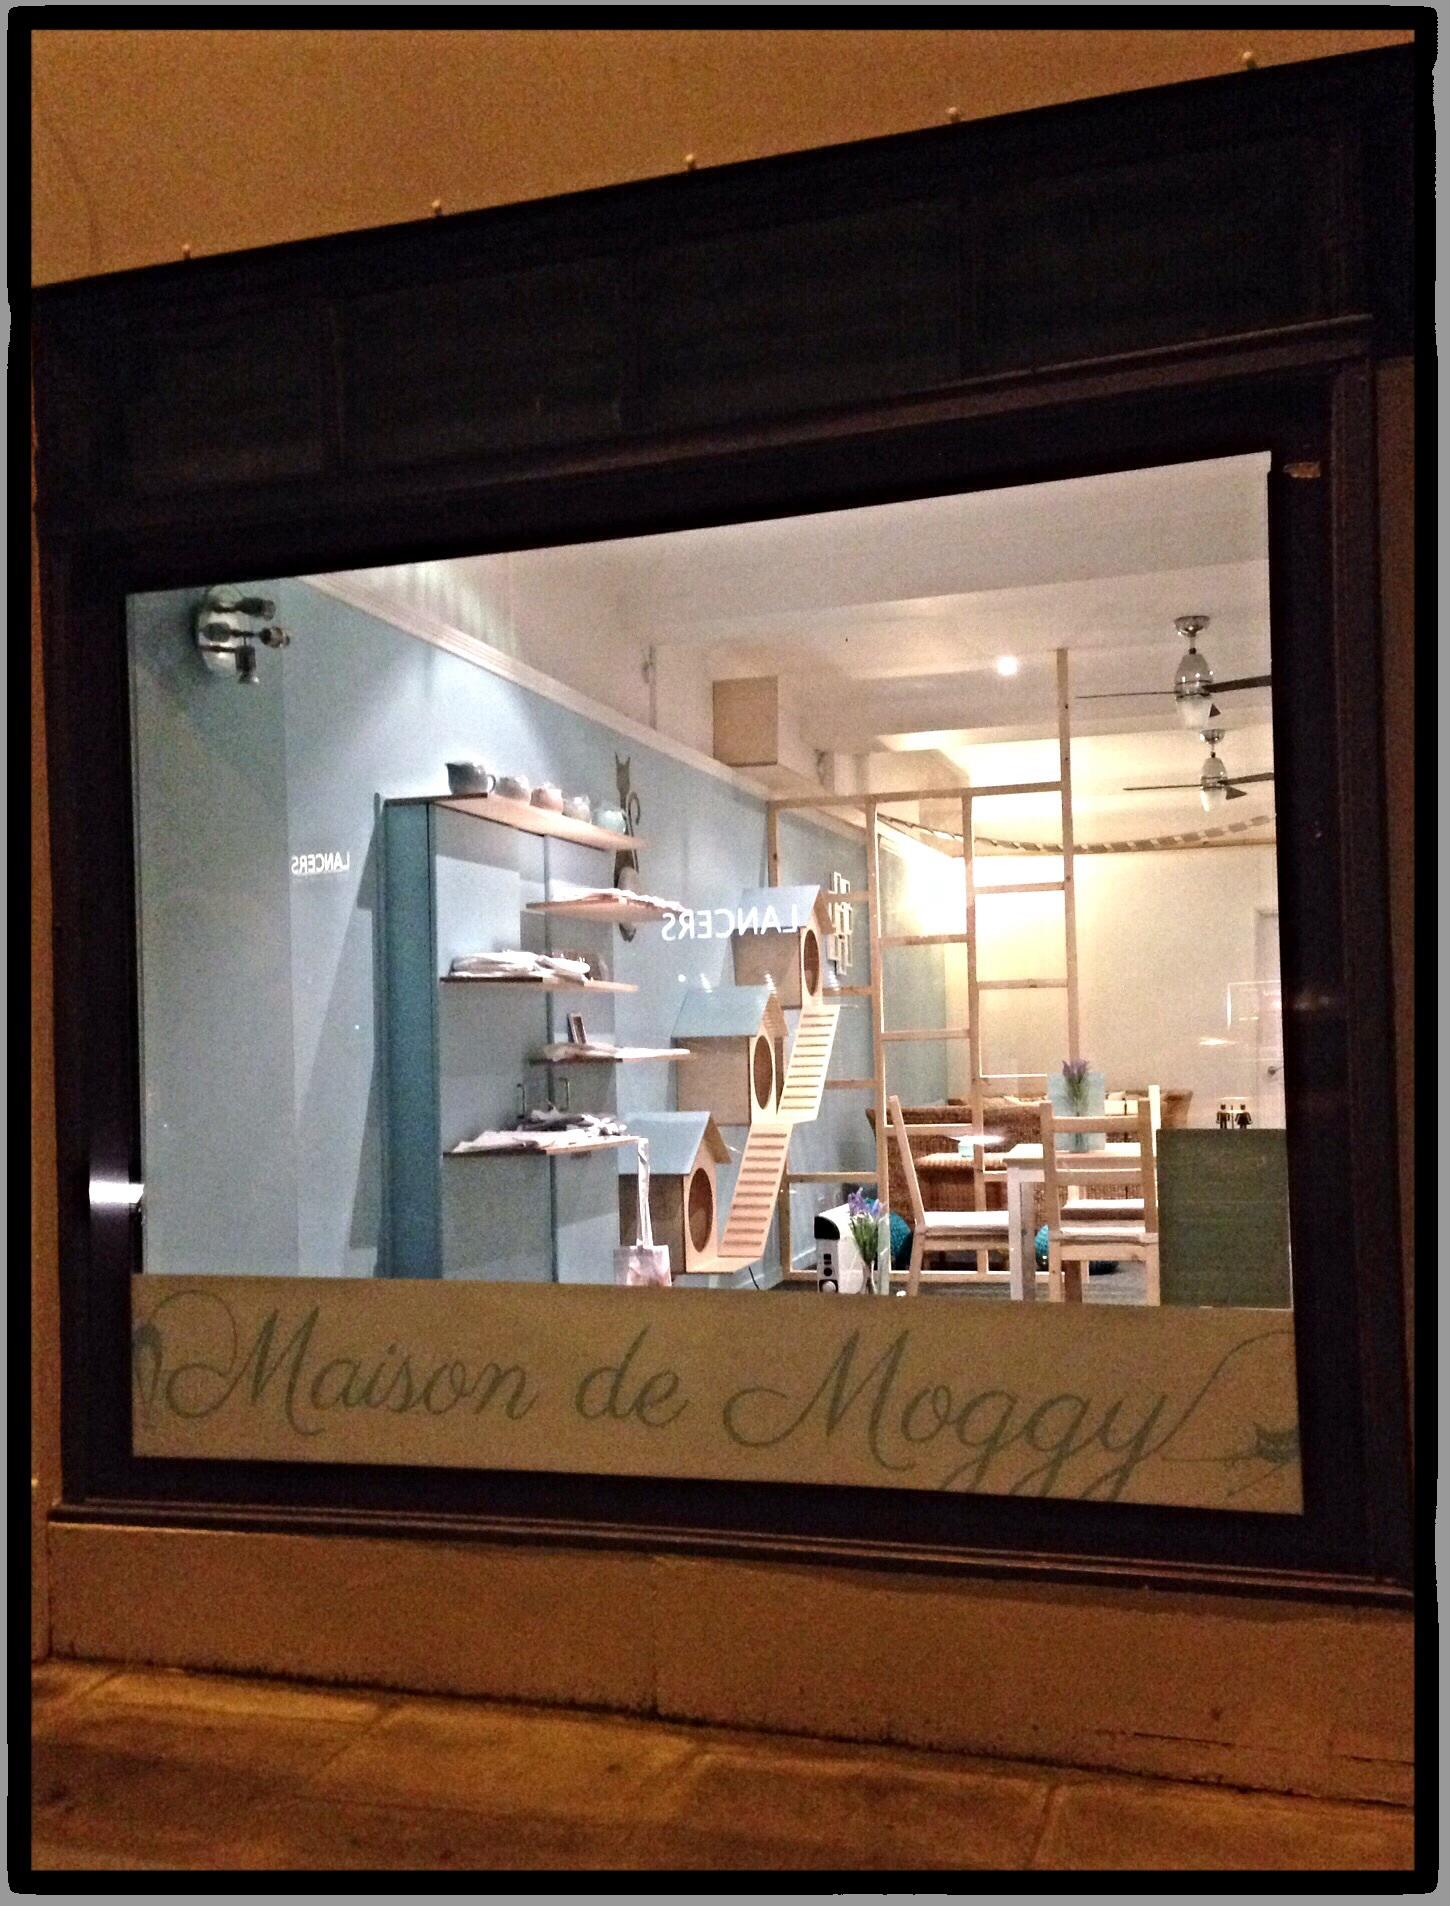 Maison De Moggy Cafe